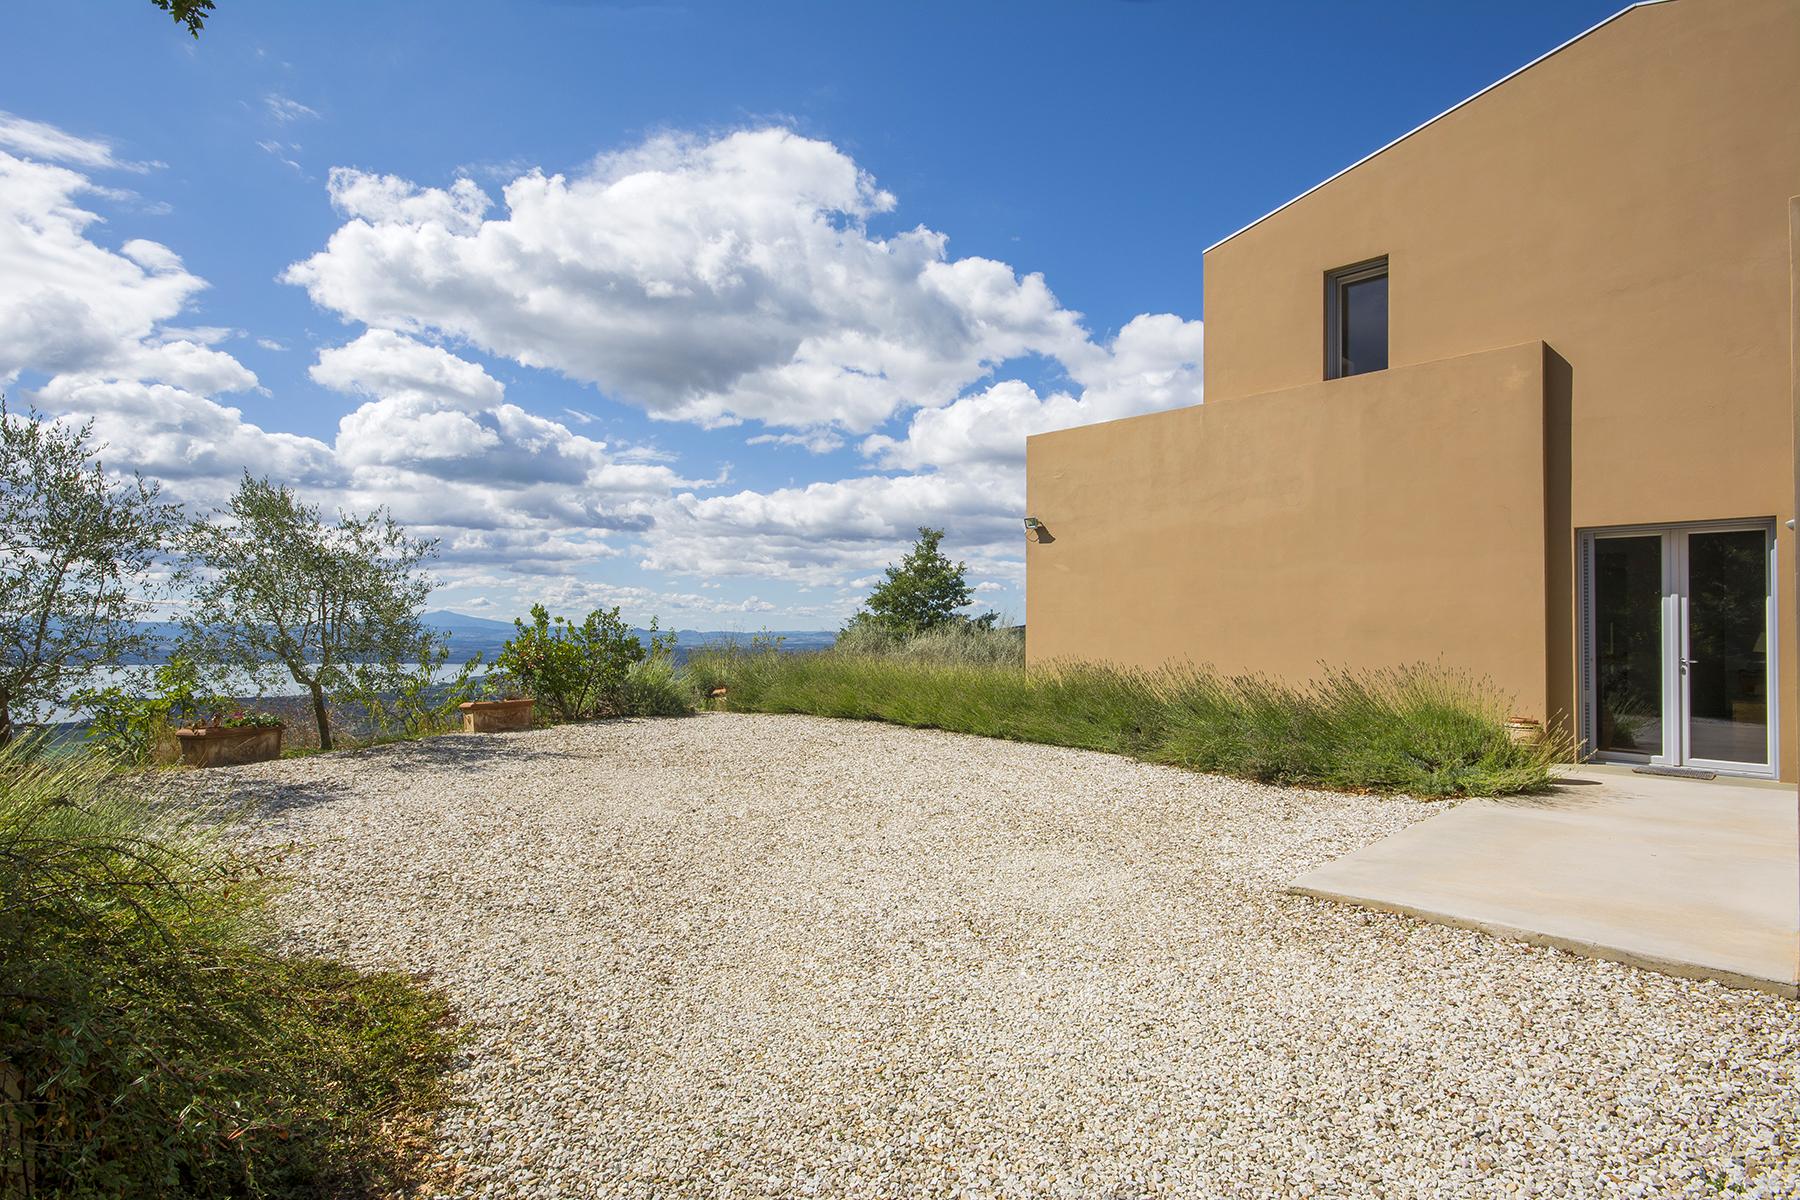 Casa indipendente in Vendita a Lisciano Niccone: 5 locali, 414 mq - Foto 8